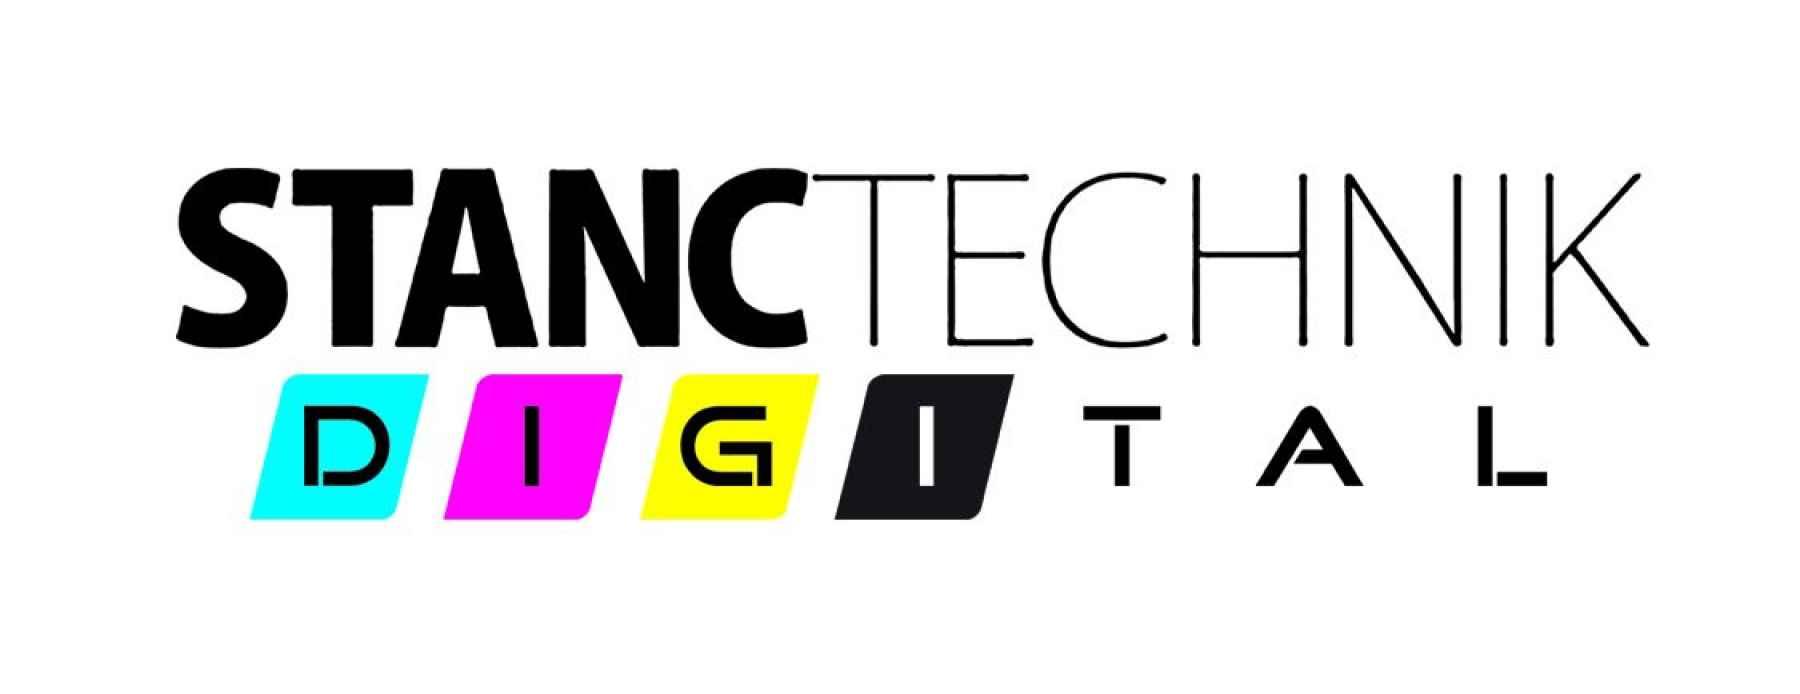 Stanctechnik Digital Kft. logója